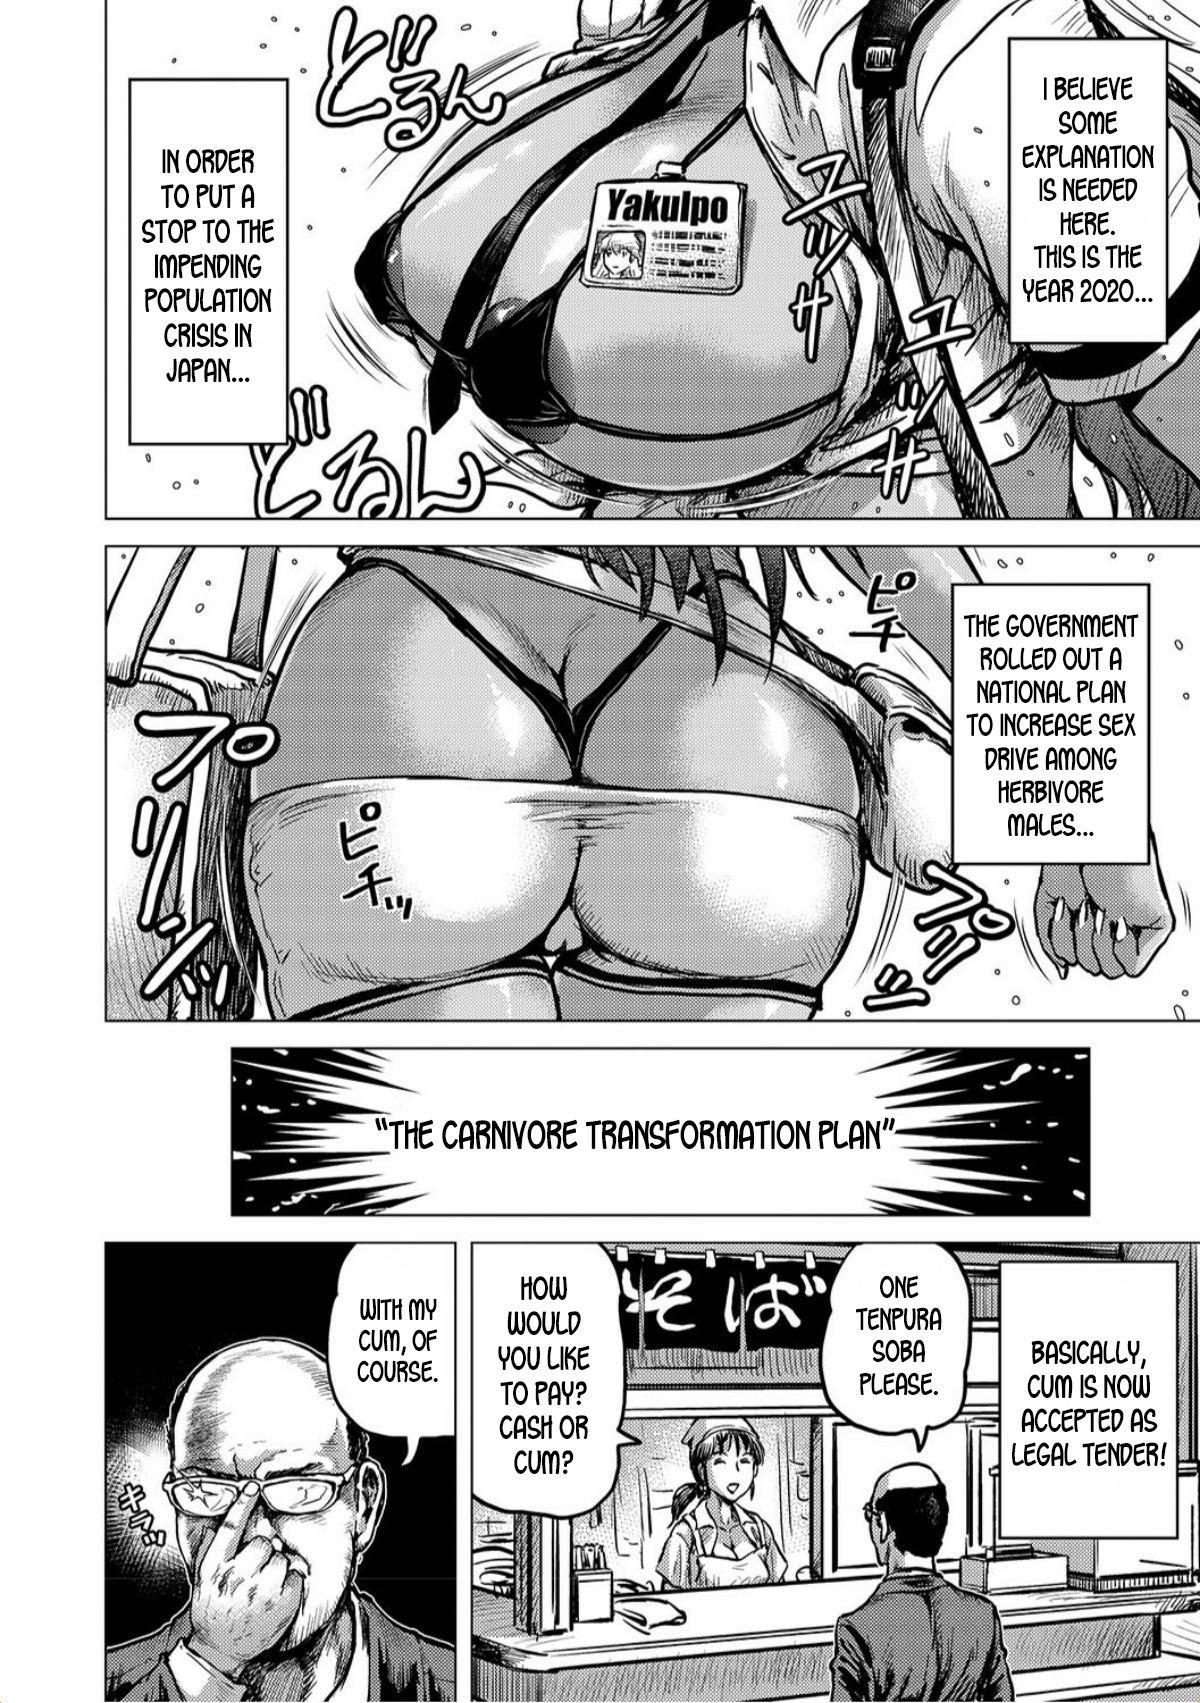 Okane no Kawari ni Shasei de Oshiharai Dekiru Jidai   A Time When You Can Pay With Your Sperm 3